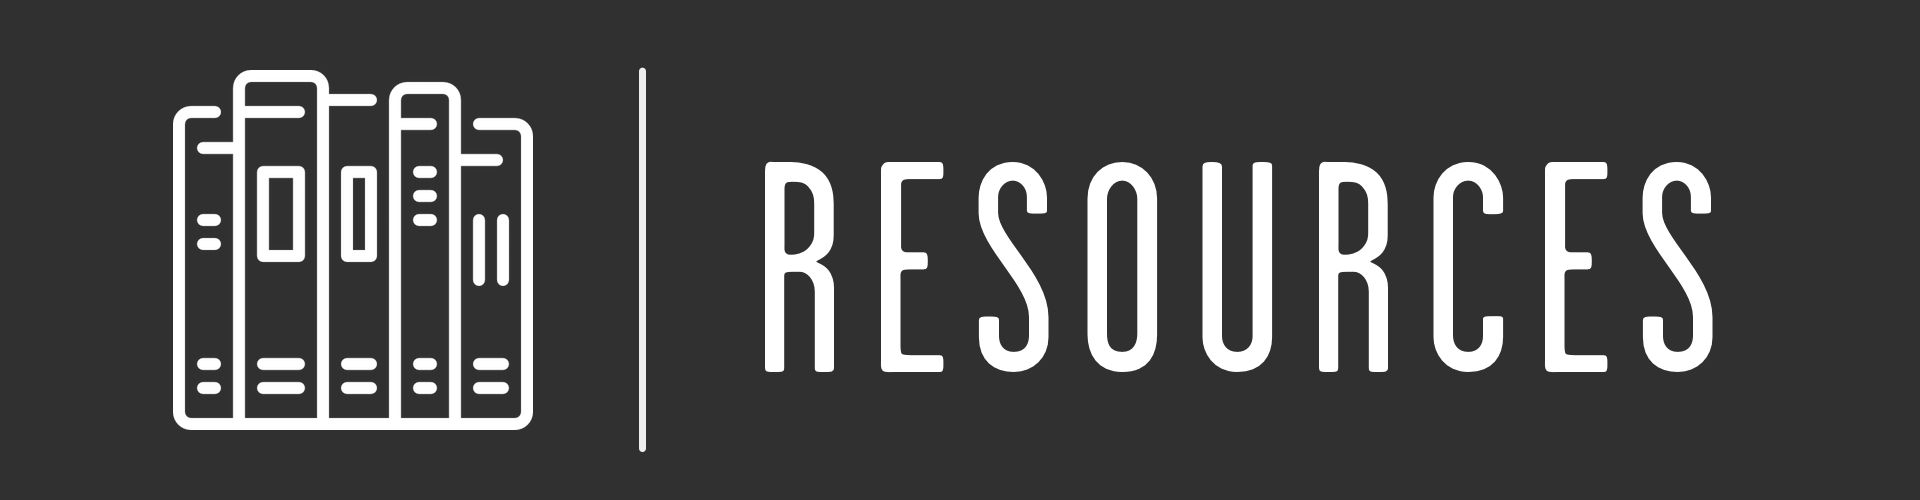 header - resources.jpg